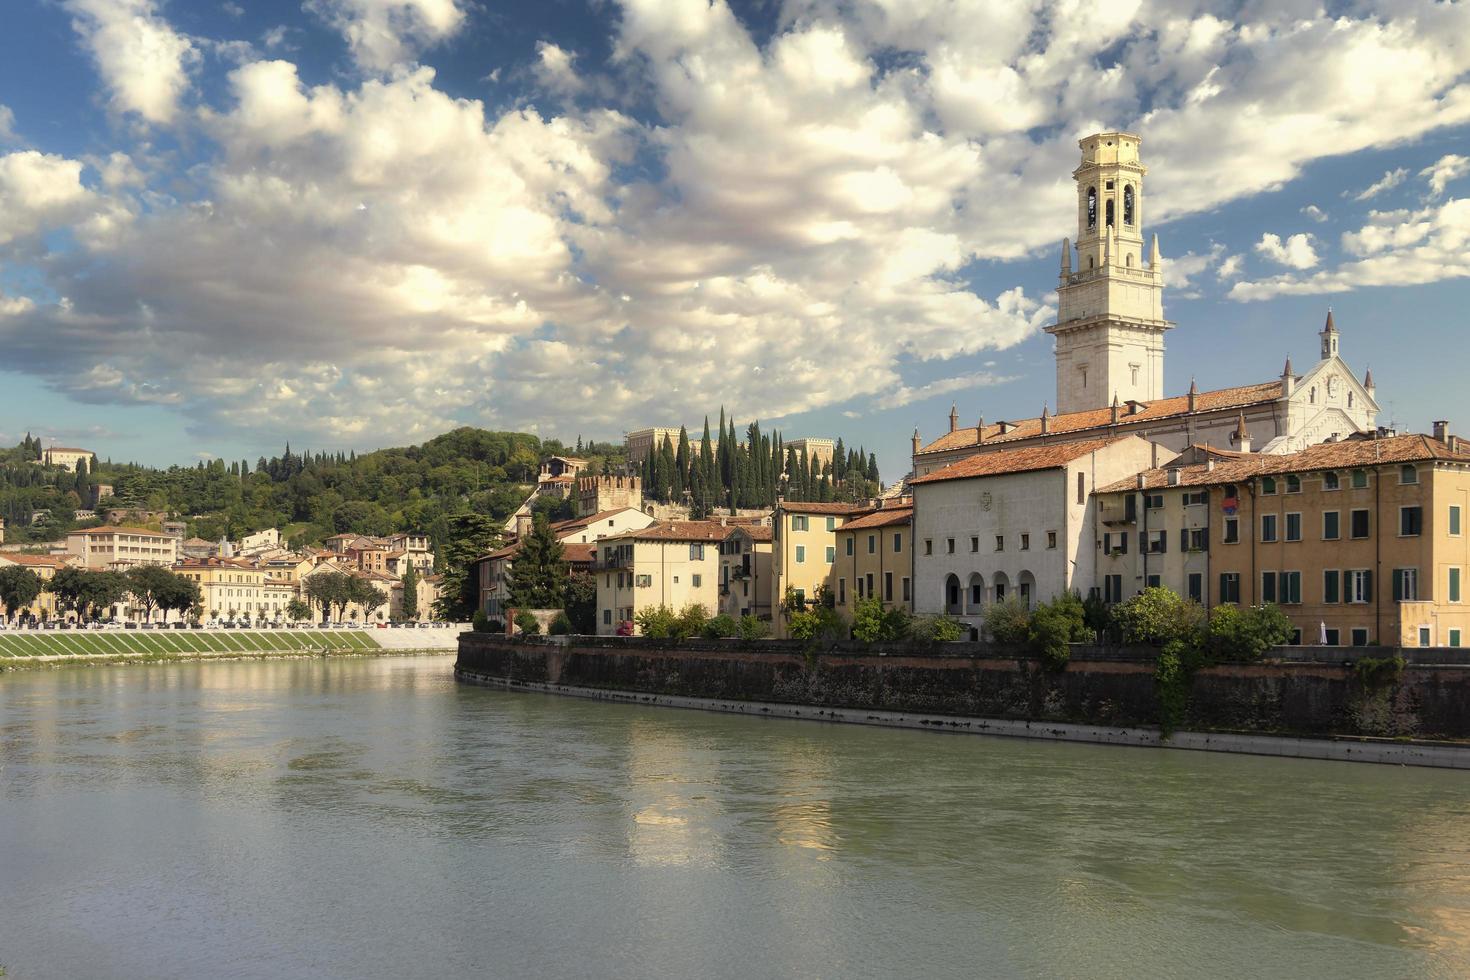 utsikt över staden Verona foto